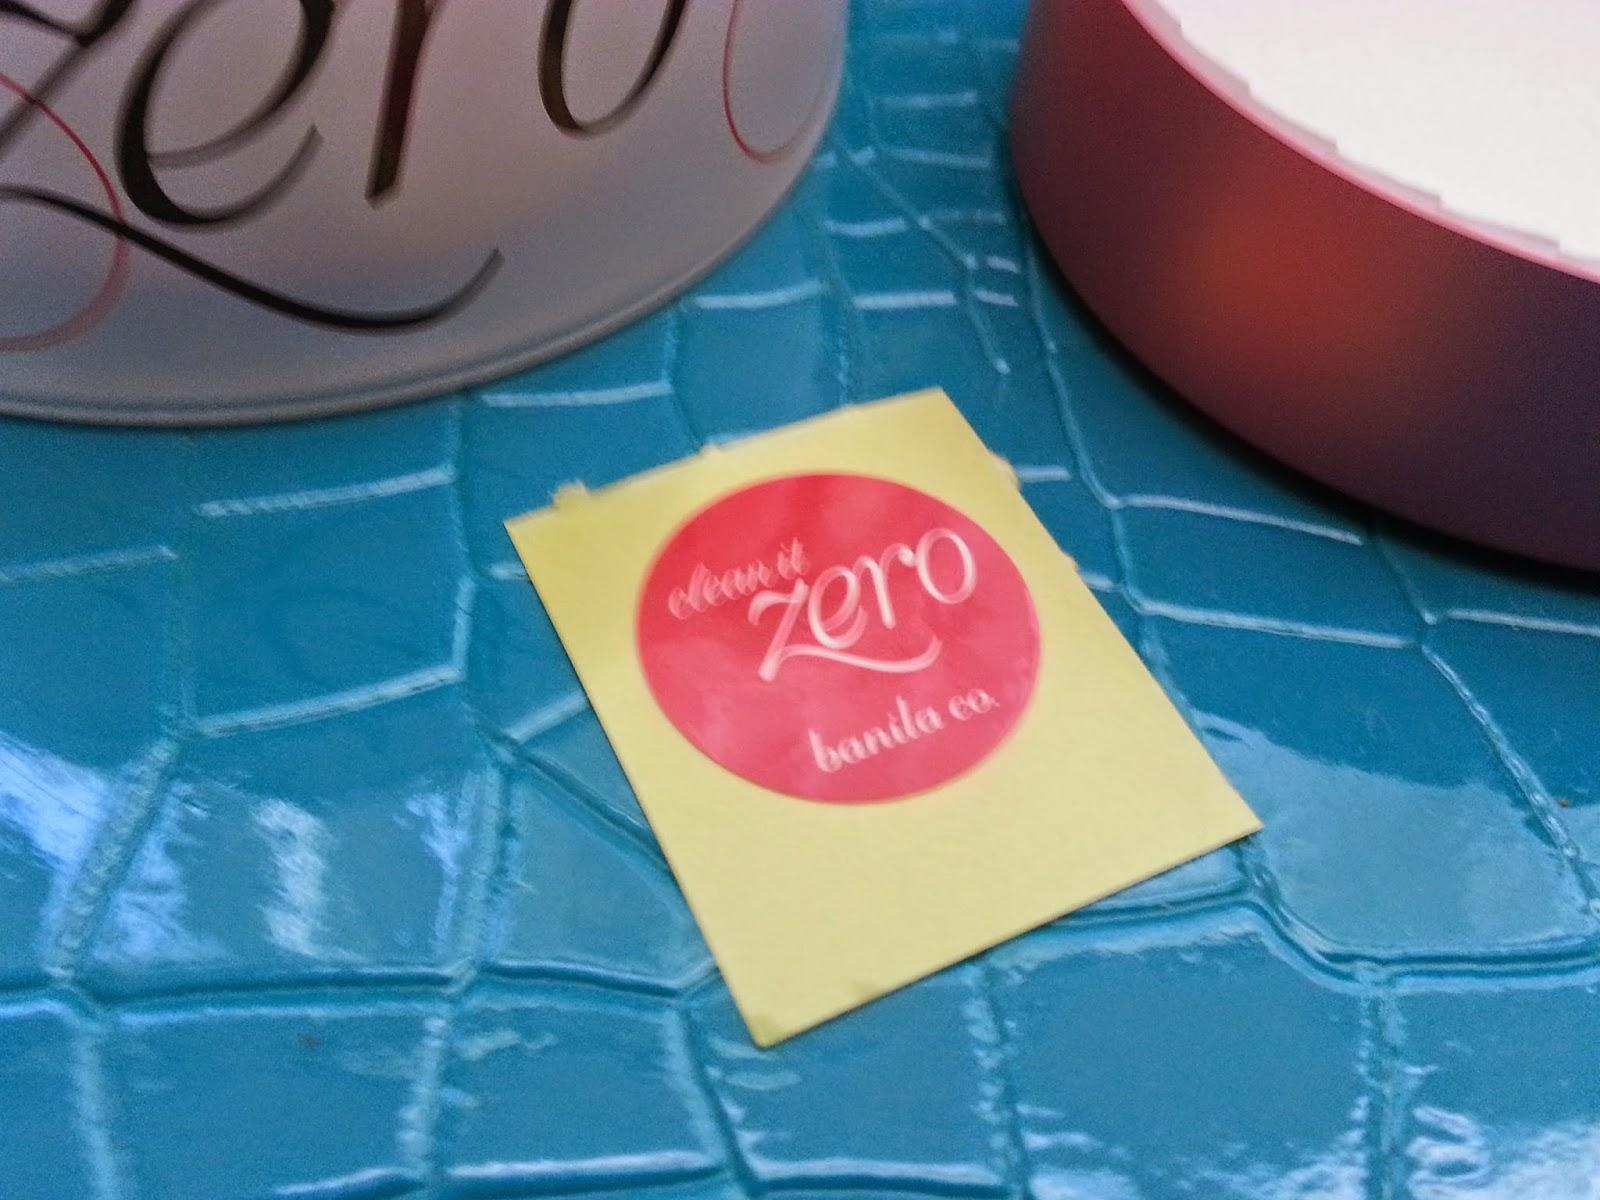 Clean It Zero sticker